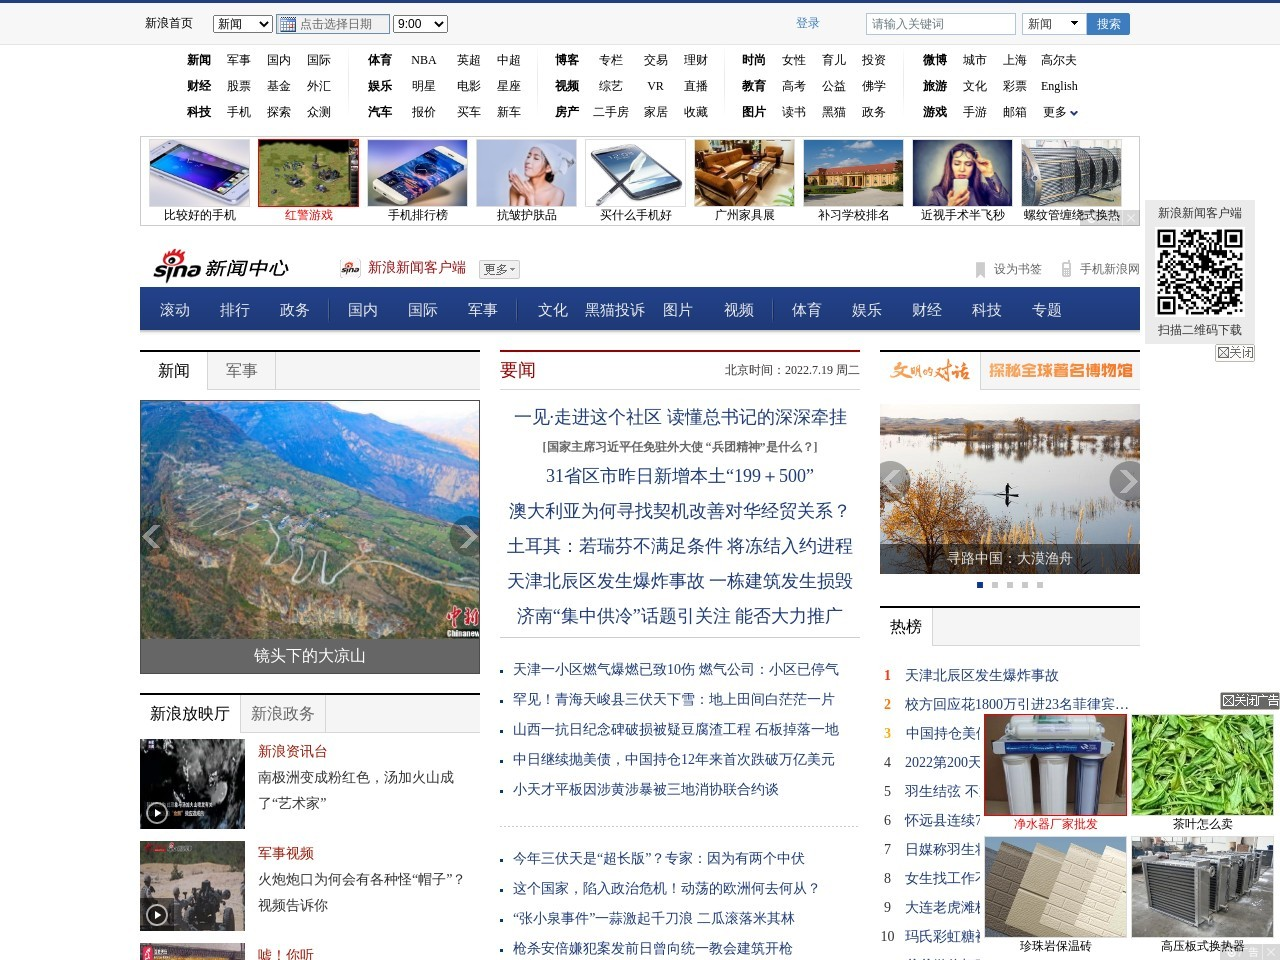 受冷空气影响 江苏长江以北地区将有霜或霜冻|霜冻|江苏省|江苏_新浪新闻